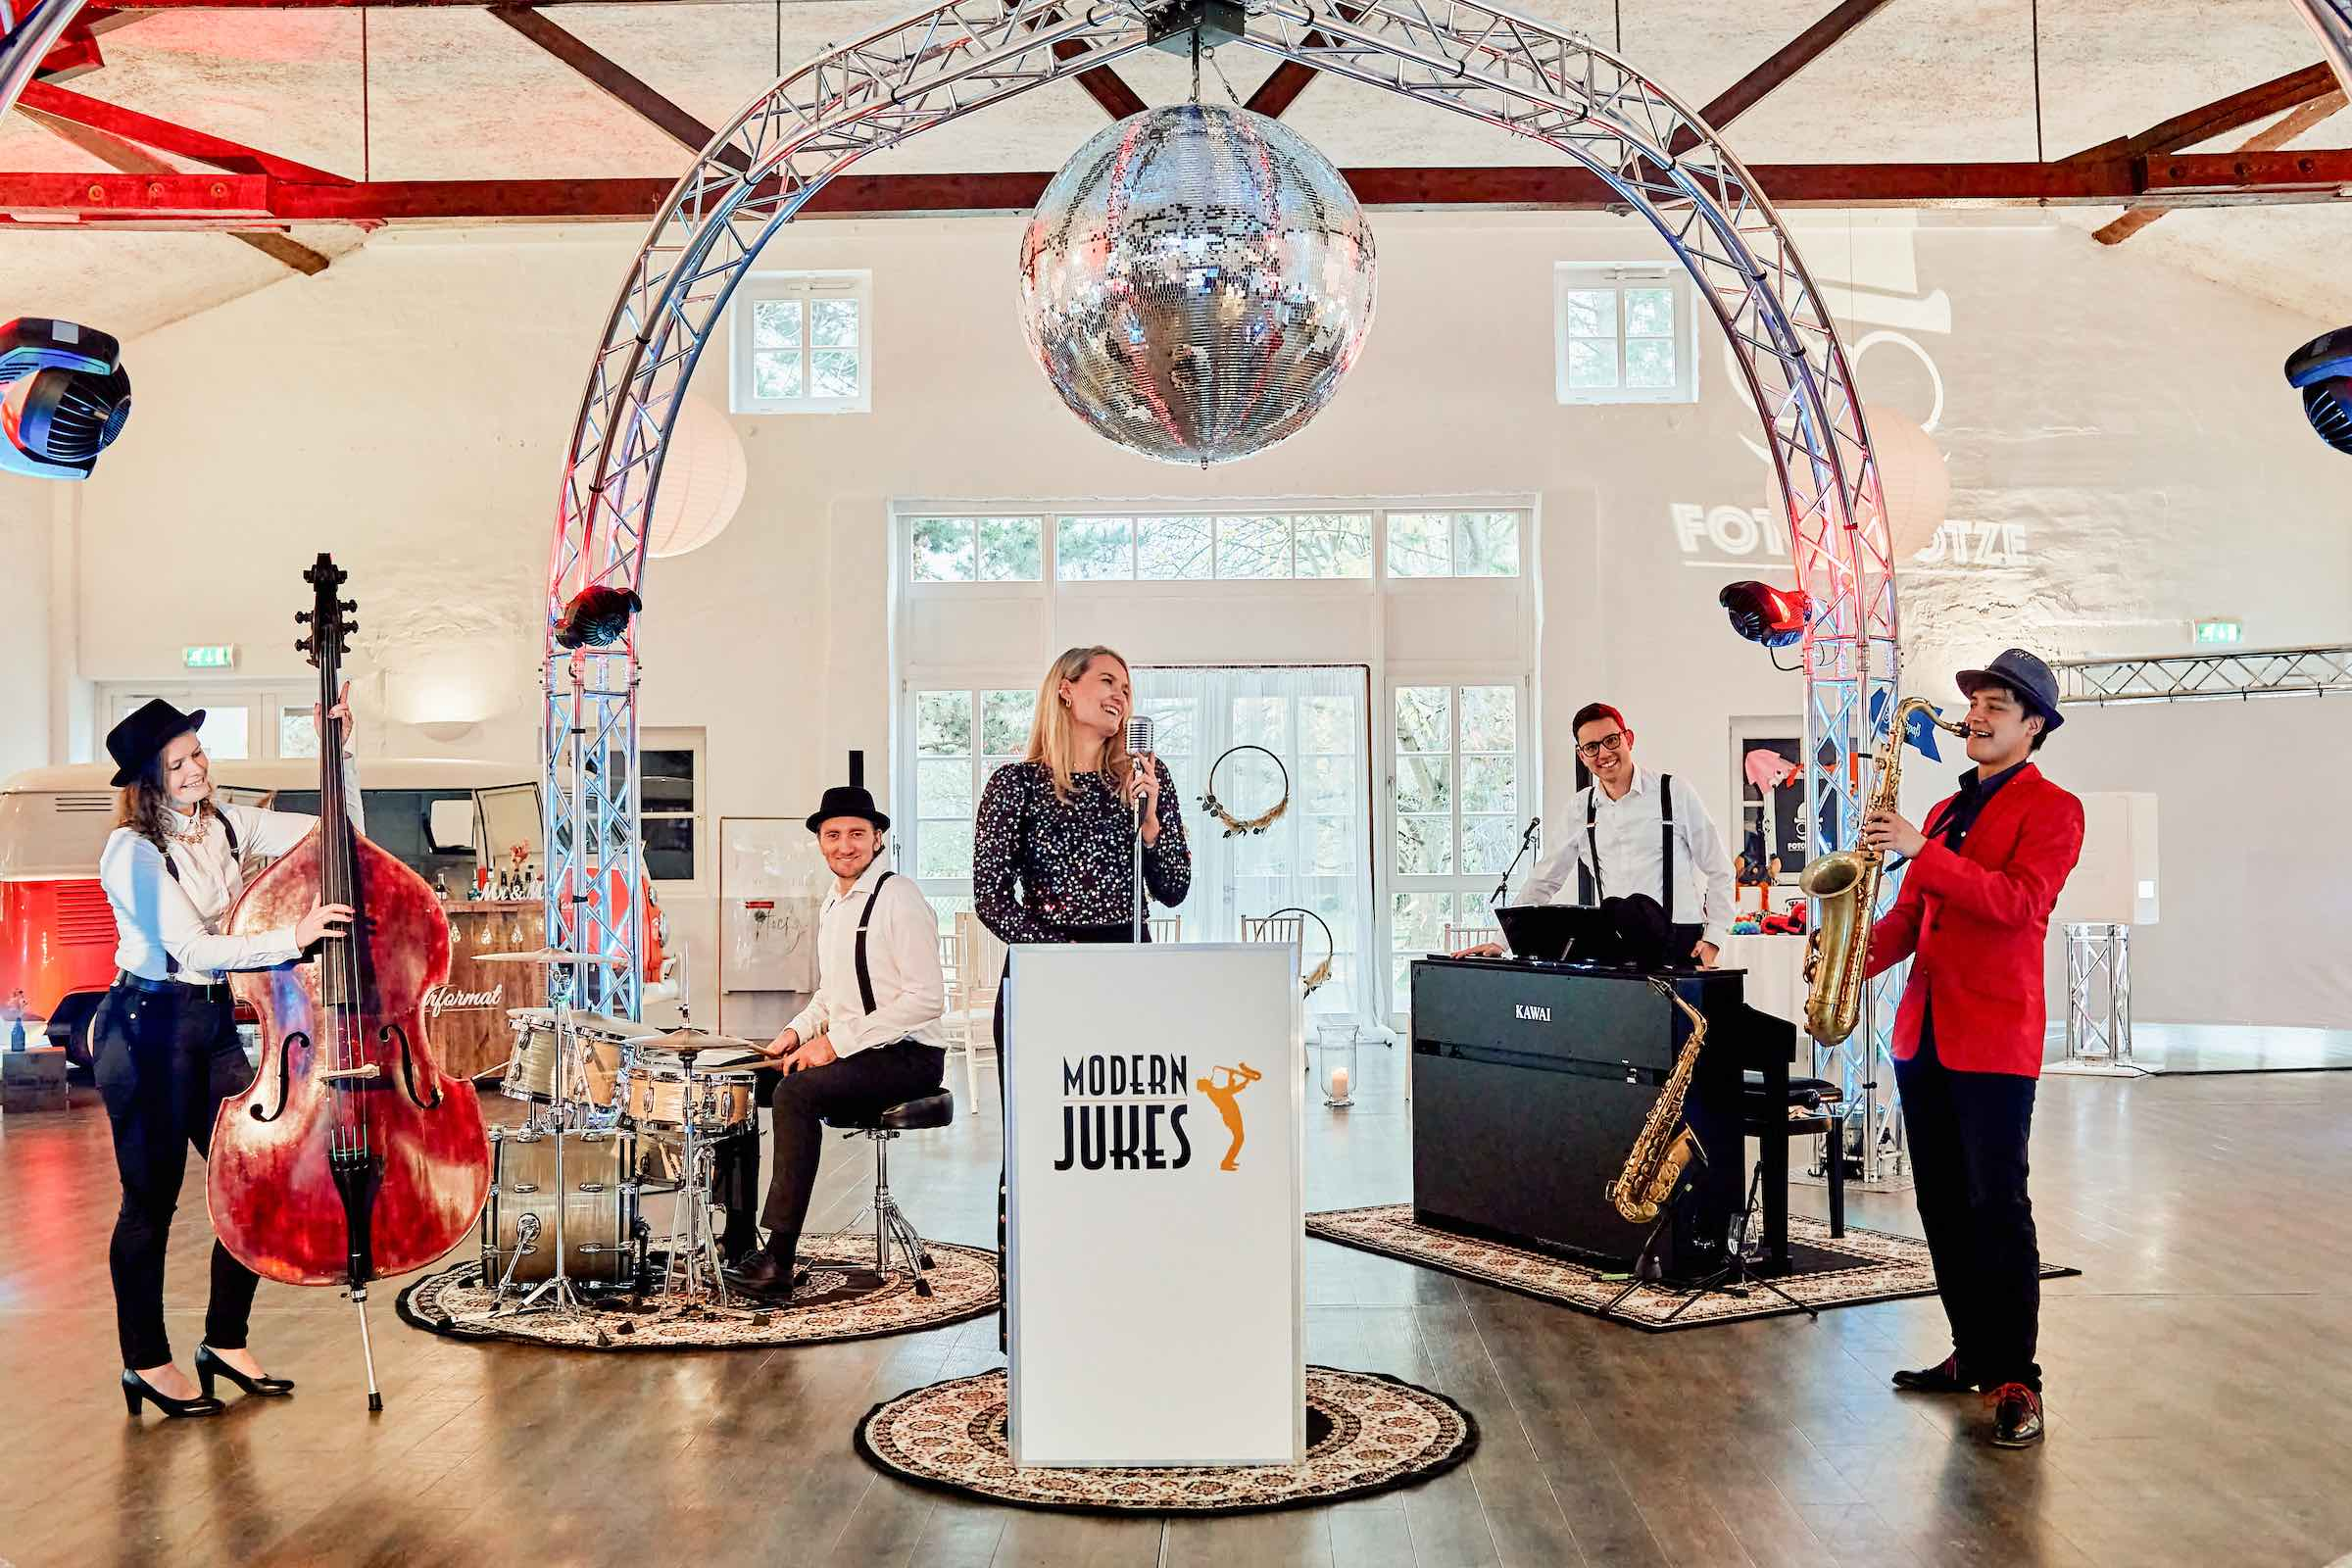 Jazzband   Hochzeit   Hannover   Popband   Partyband   Sektempfang   Party   Trauung   Dinner   Buchen   Mieten   Lehmann   Eventservice